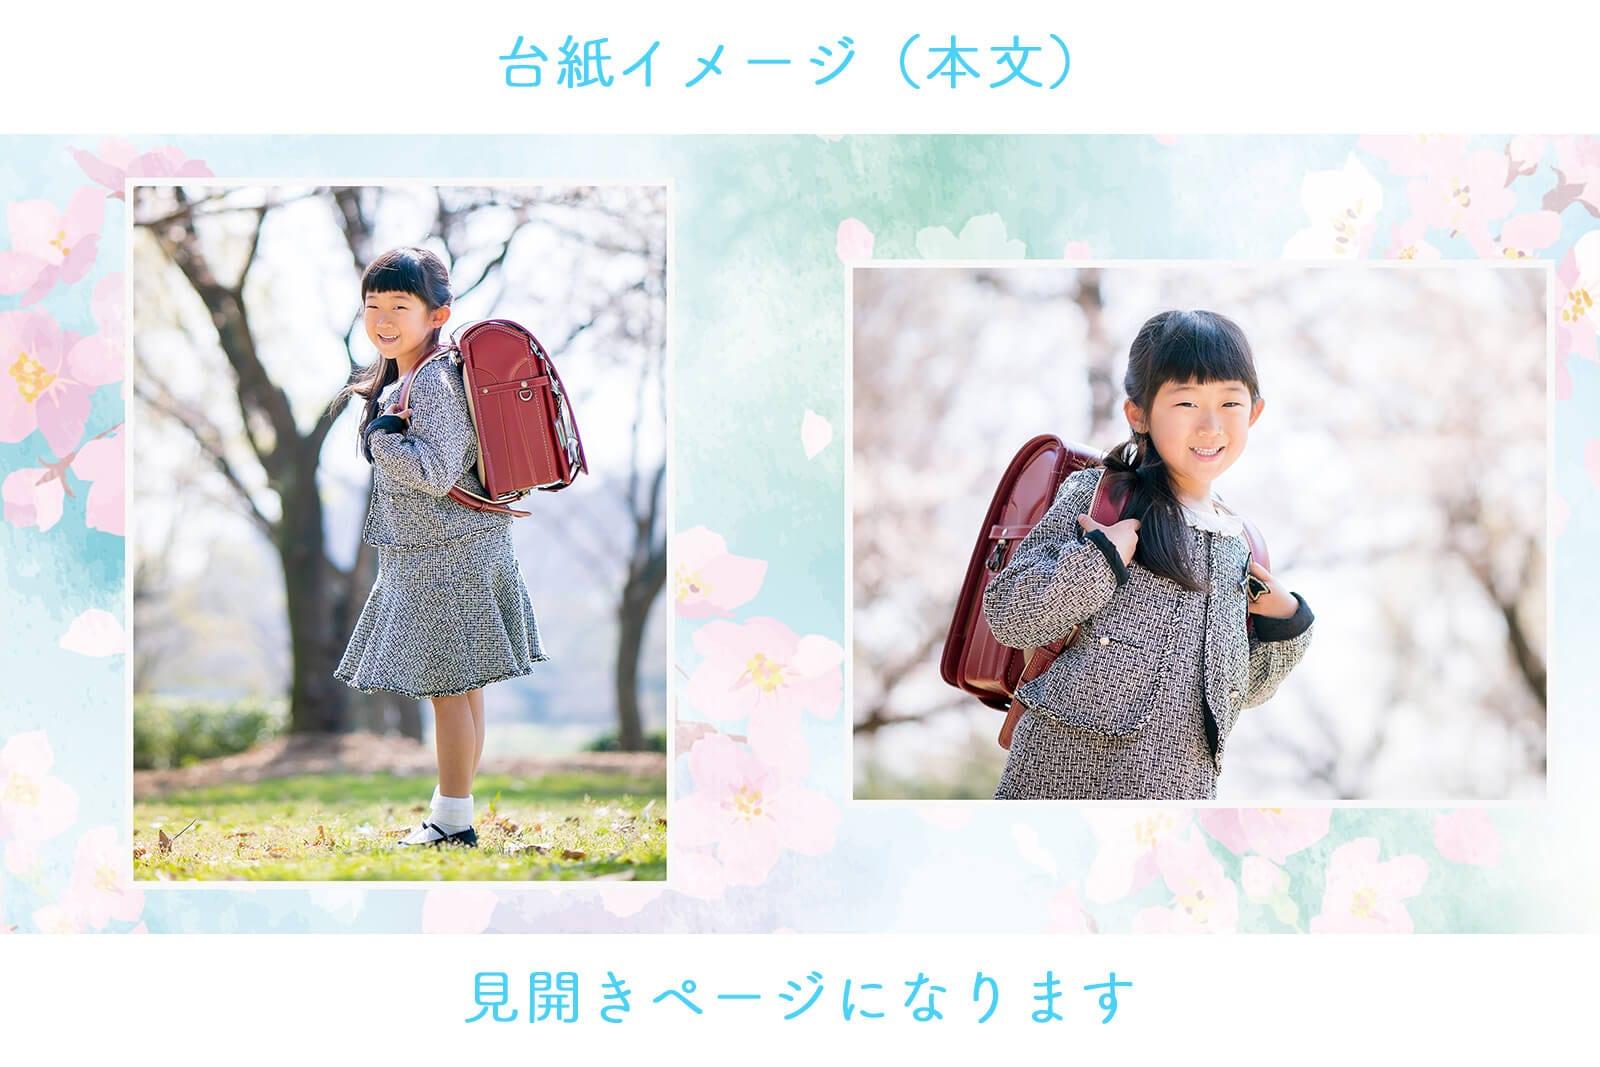 春のロケーションフォト撮影会・台紙サンプル